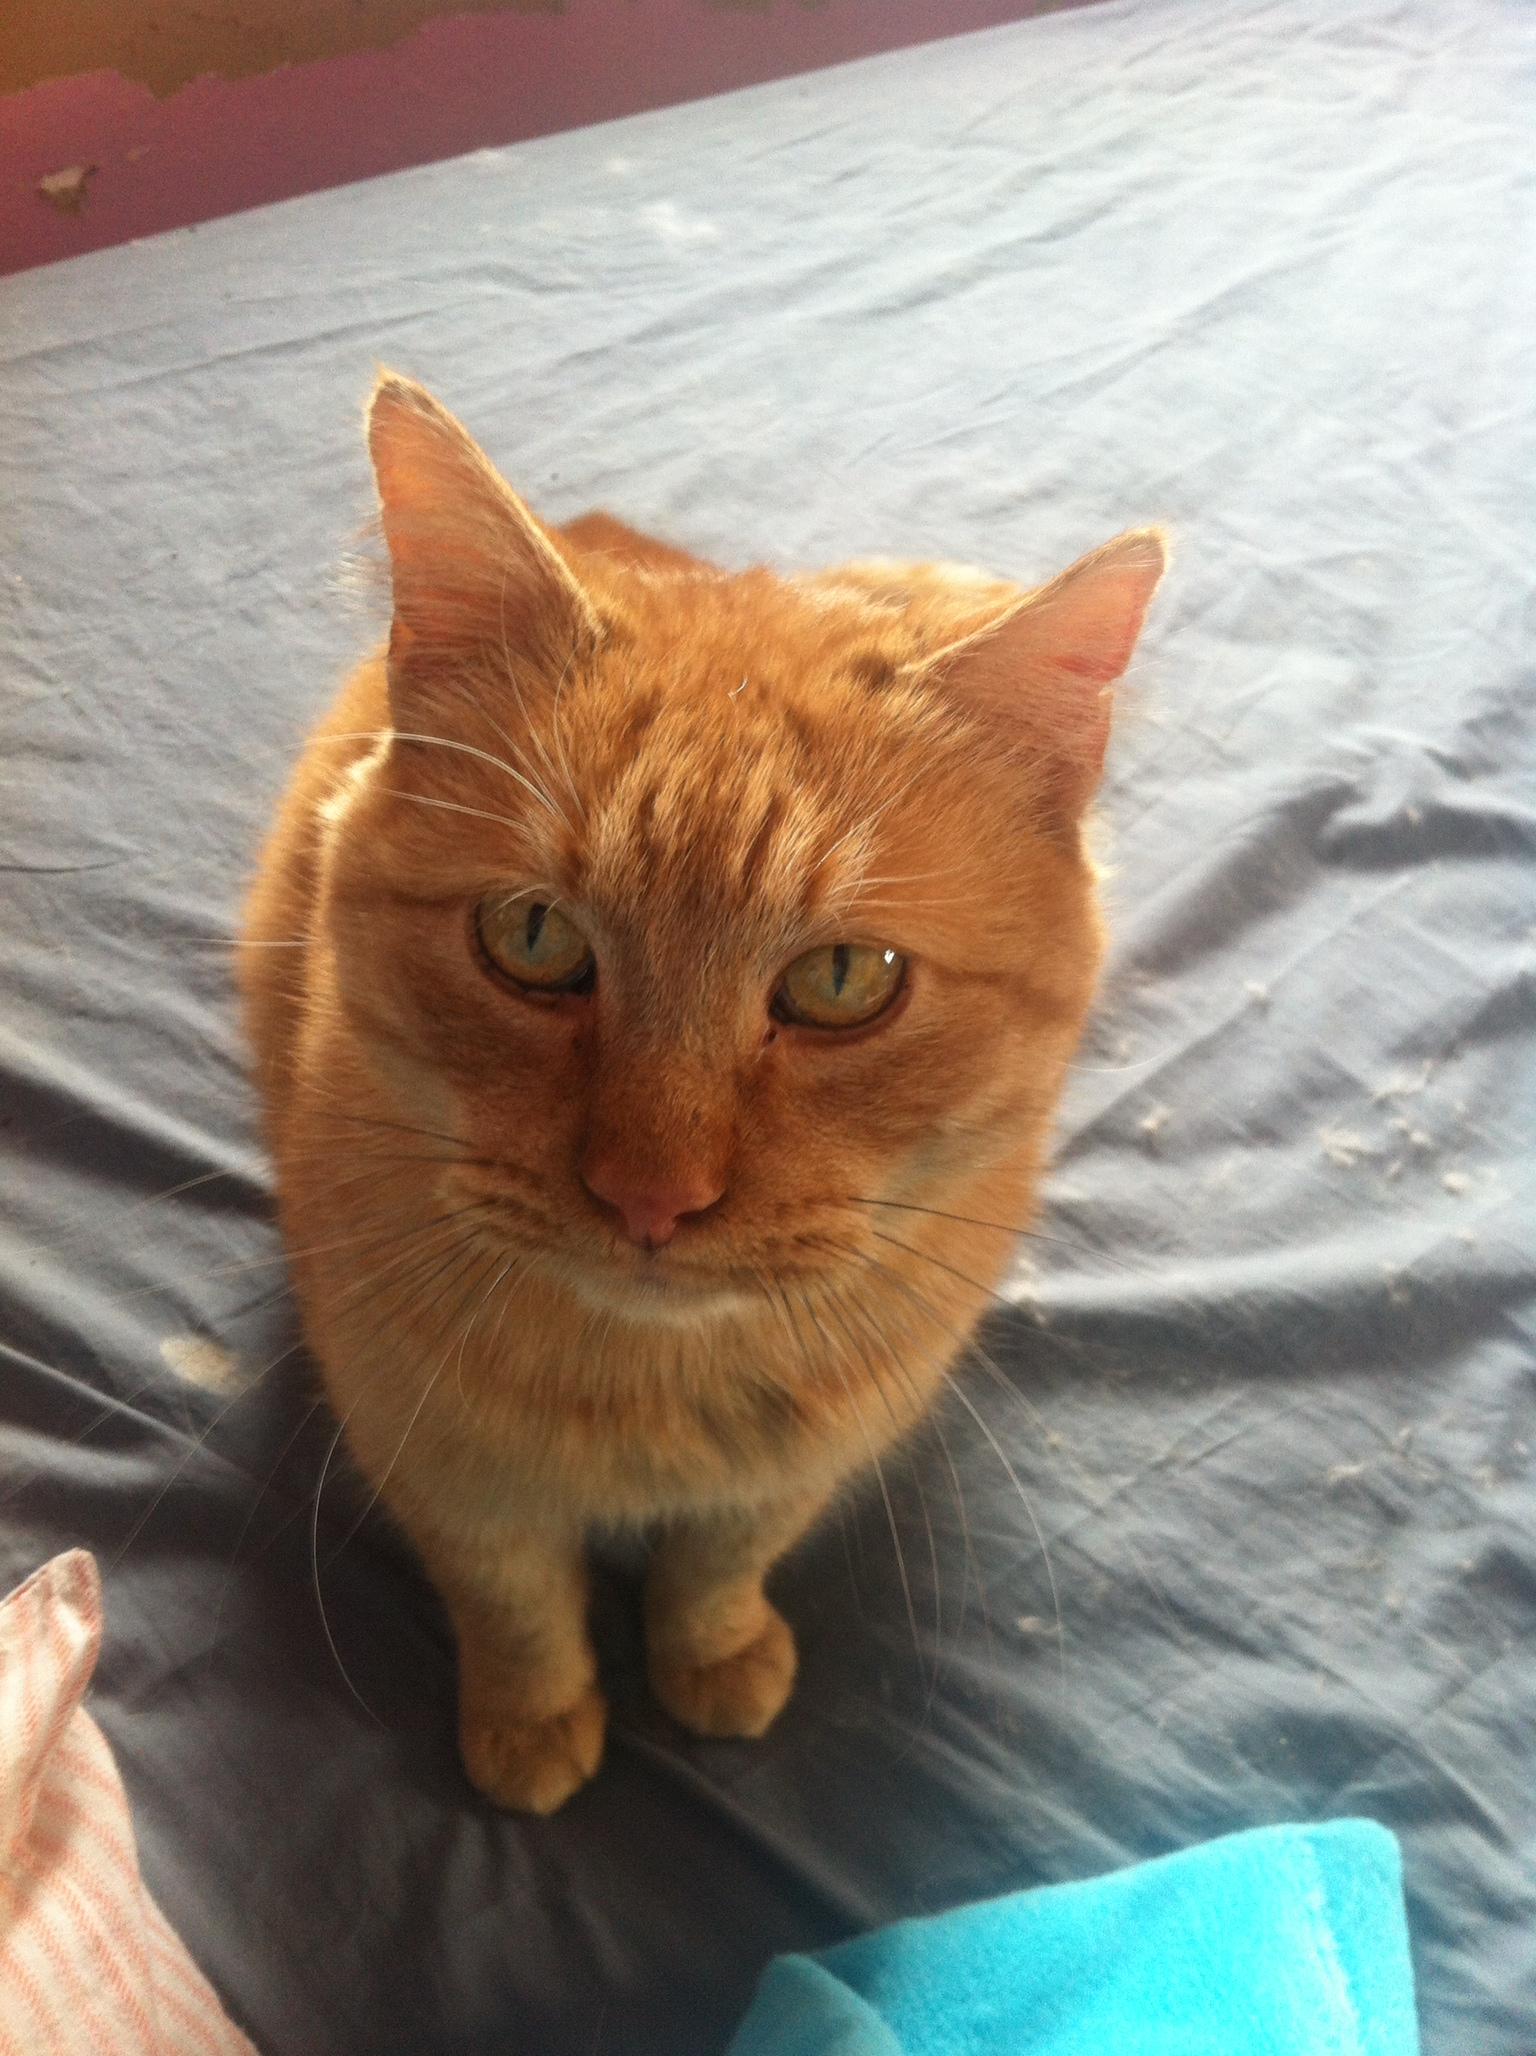 136907d1412027632 boyfriend obsessed his cat red1 Heutig 1. Neueste Alleinlebender Frauen leer Wiesbaden kennenlernen Tori.